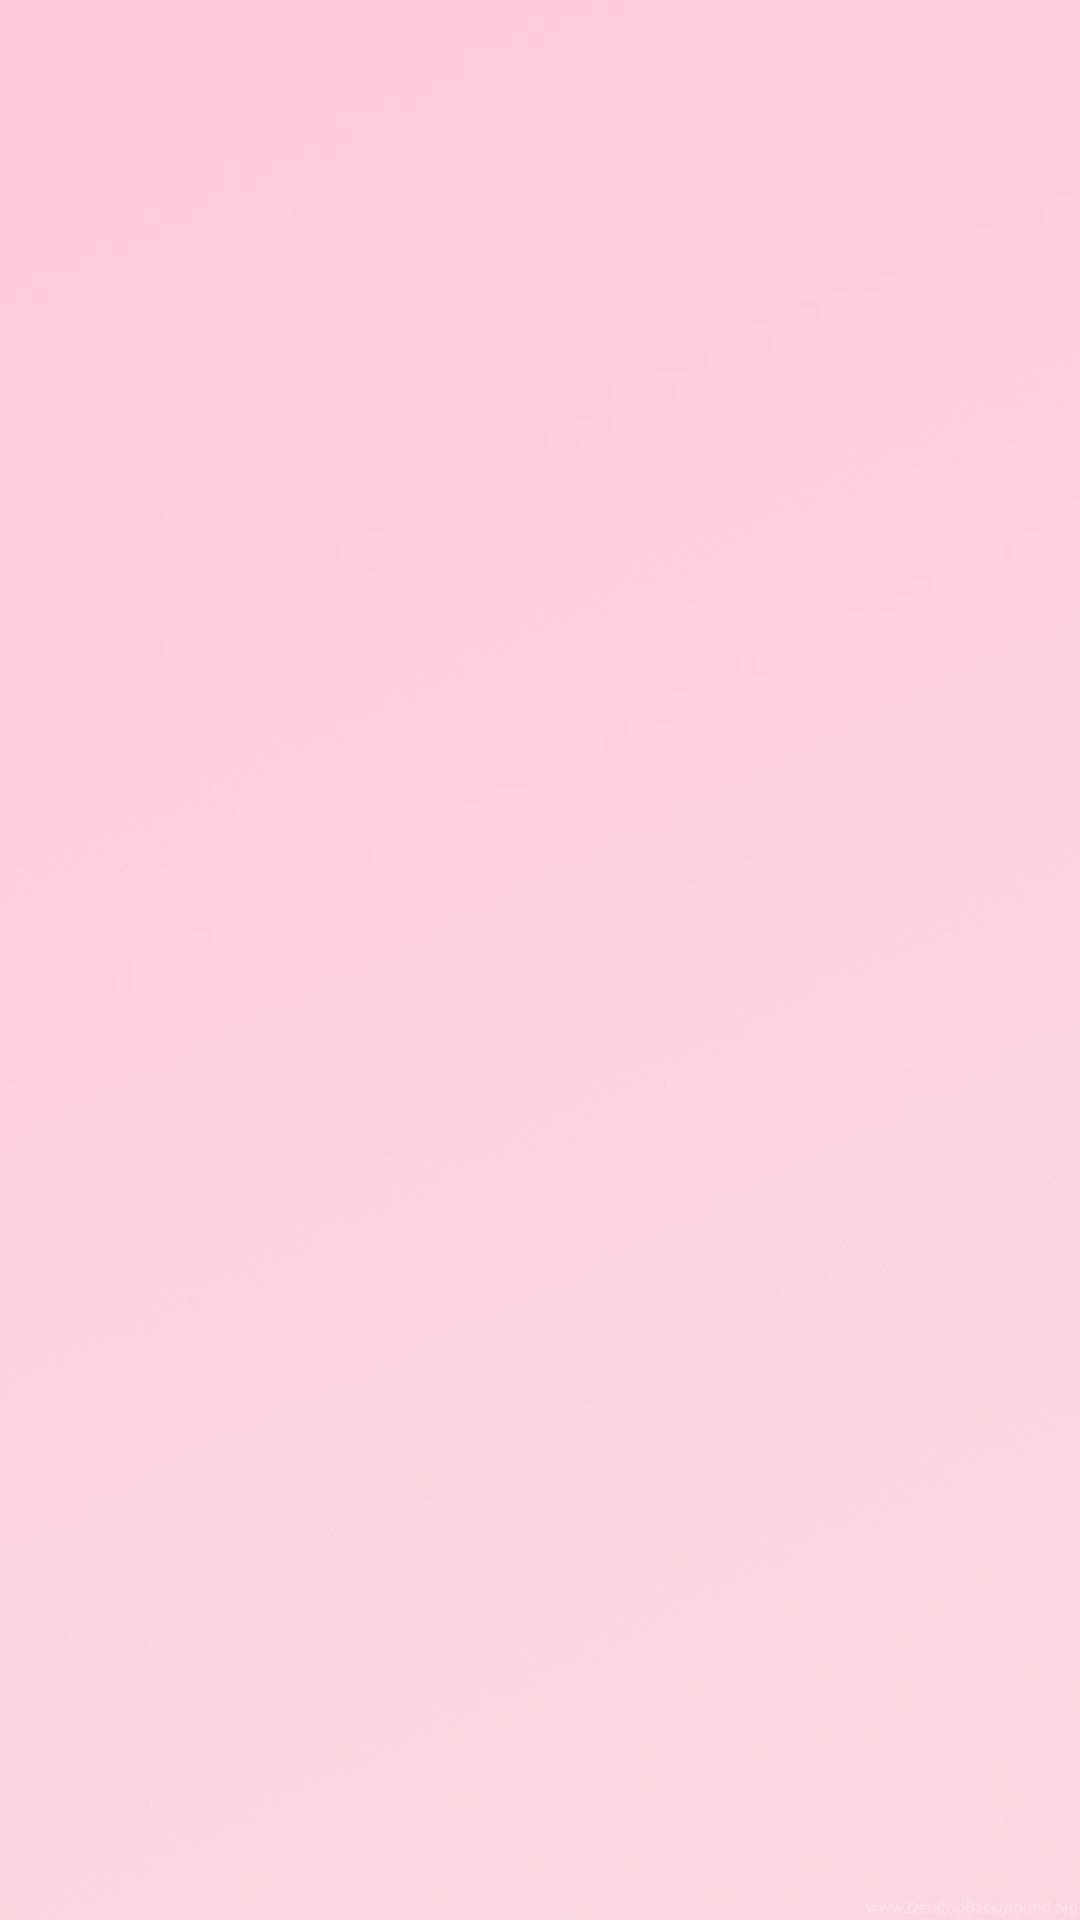 Iphone 5s Girl Wallpaper Plain Pink Iphone 5 6 Wallpapers Ipod Wallpapers Desktop